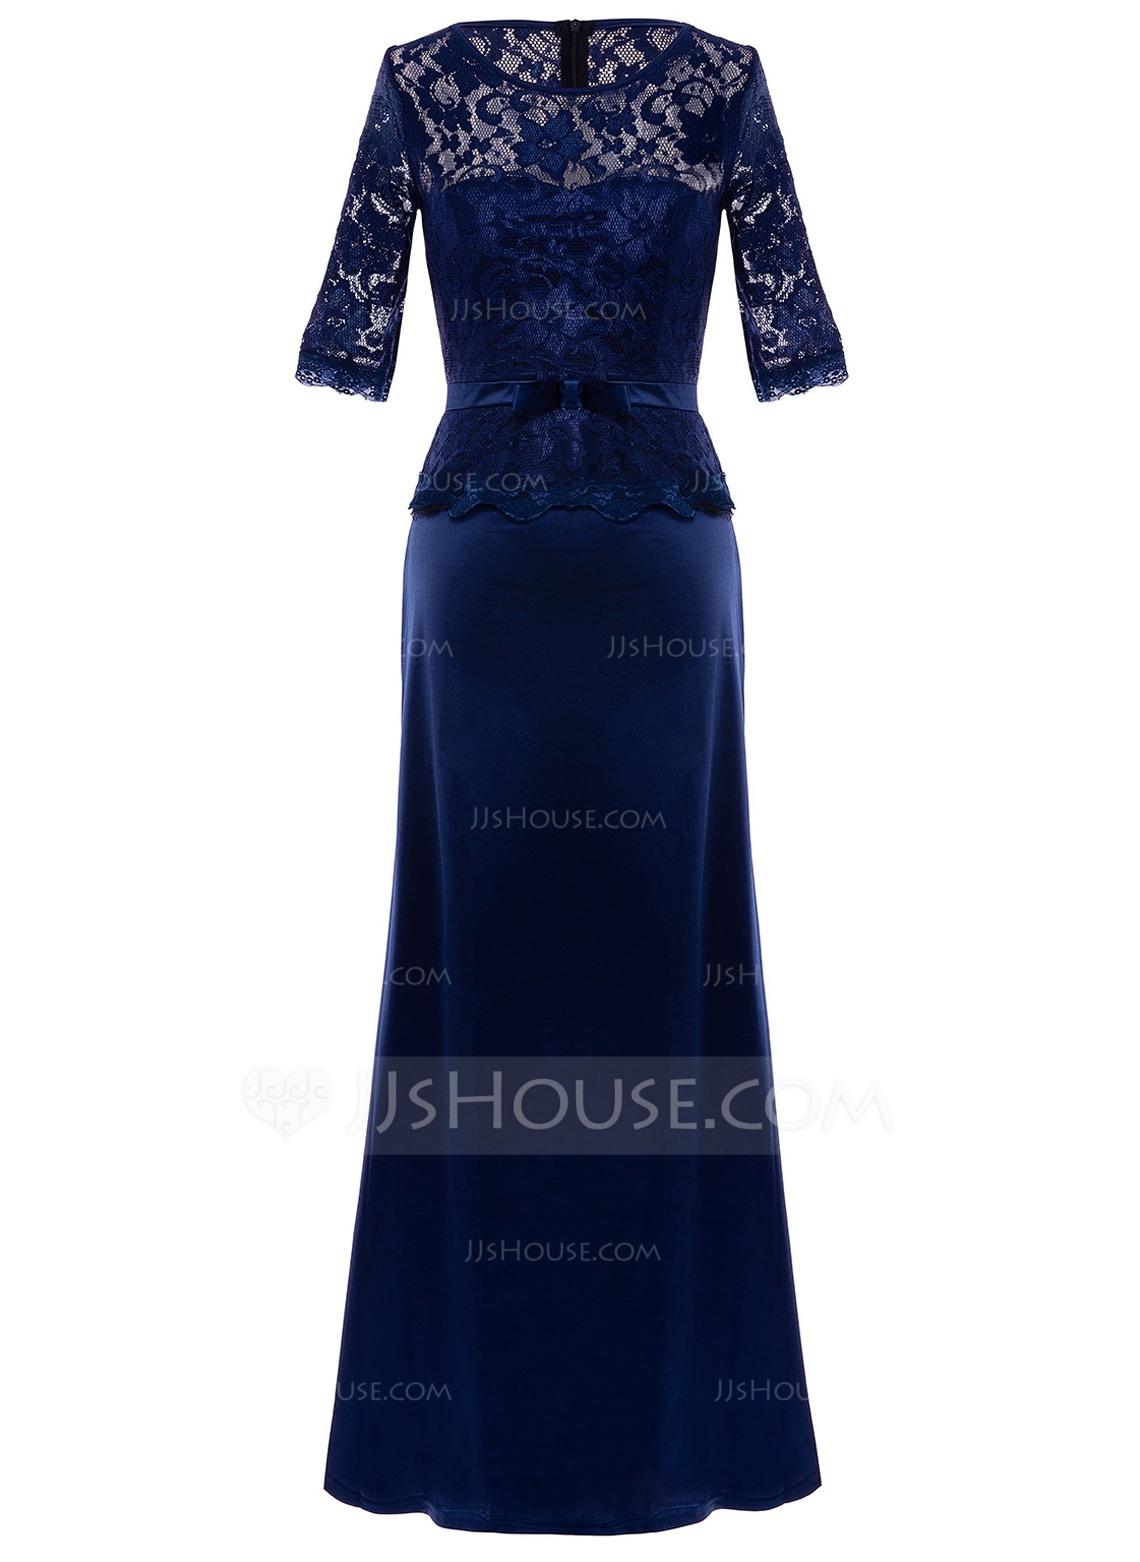 20 Elegant Maxi Kleider Besondere Anlässe DesignDesigner Top Maxi Kleider Besondere Anlässe für 2019